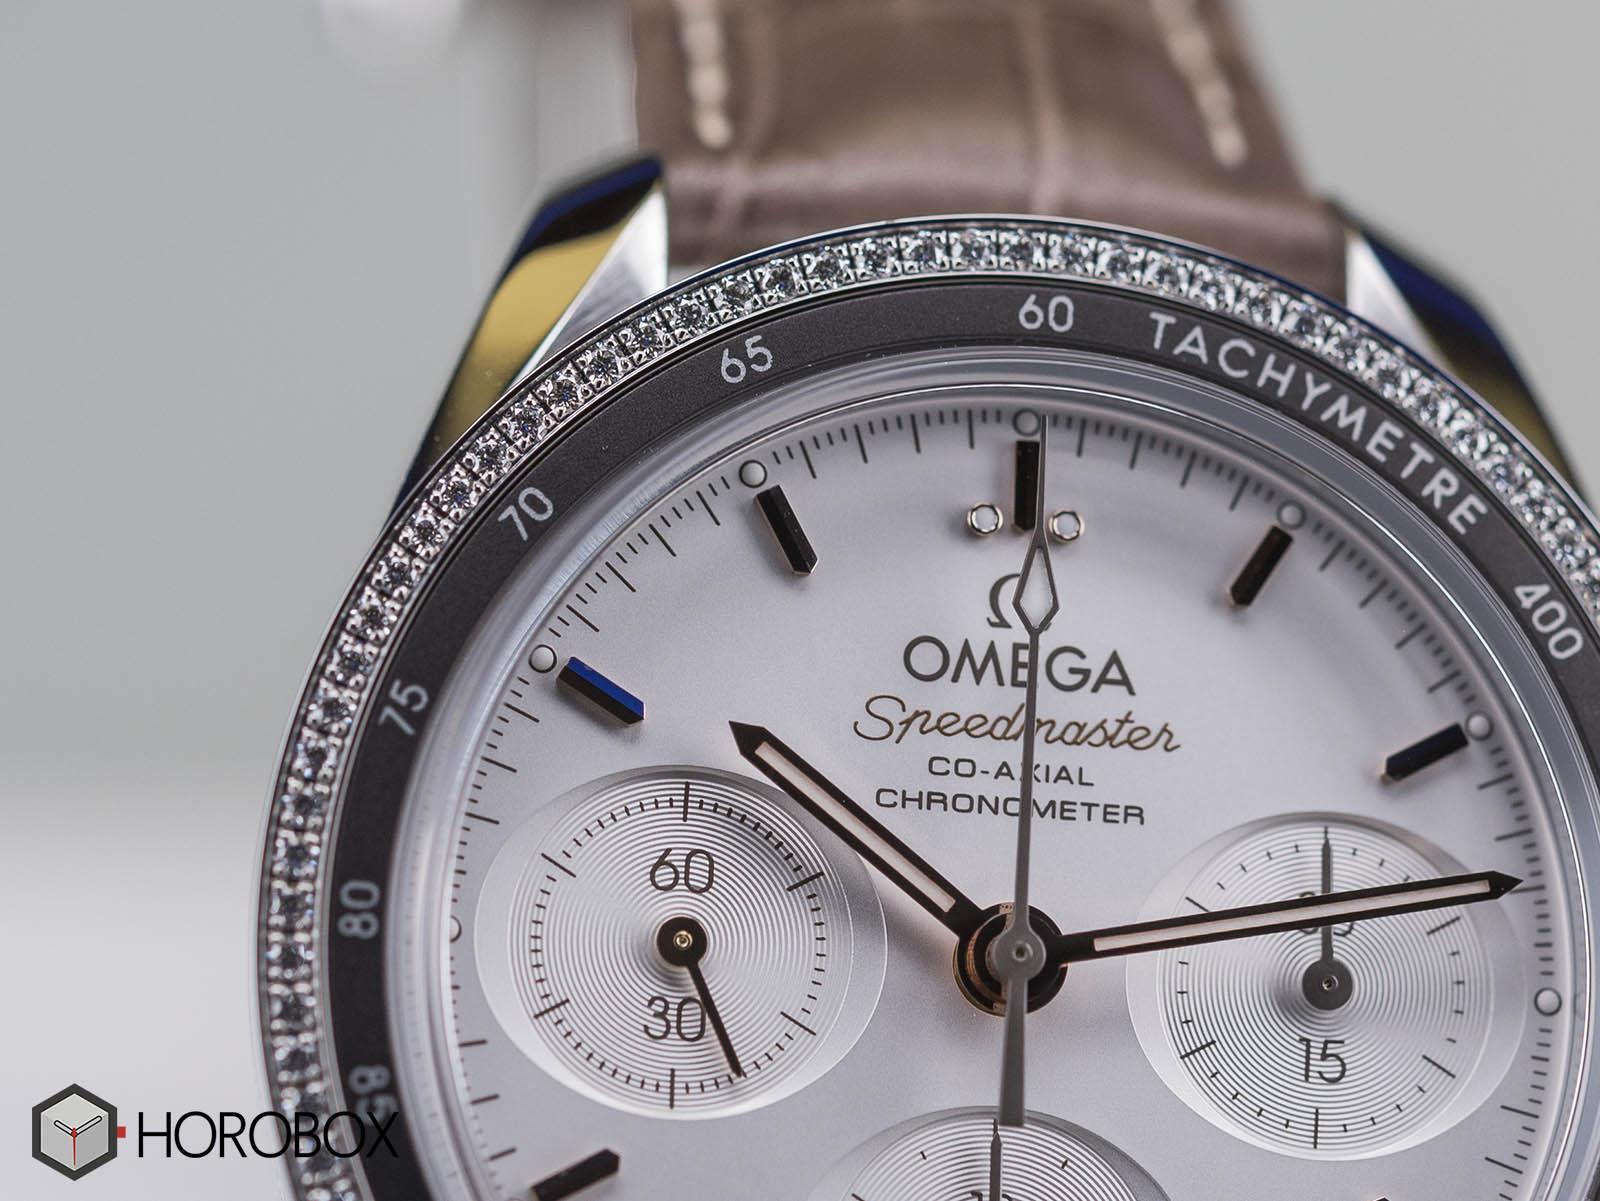 324-38-38-50-02-001-omega-speedmaster-38-chronograph-4.jpg